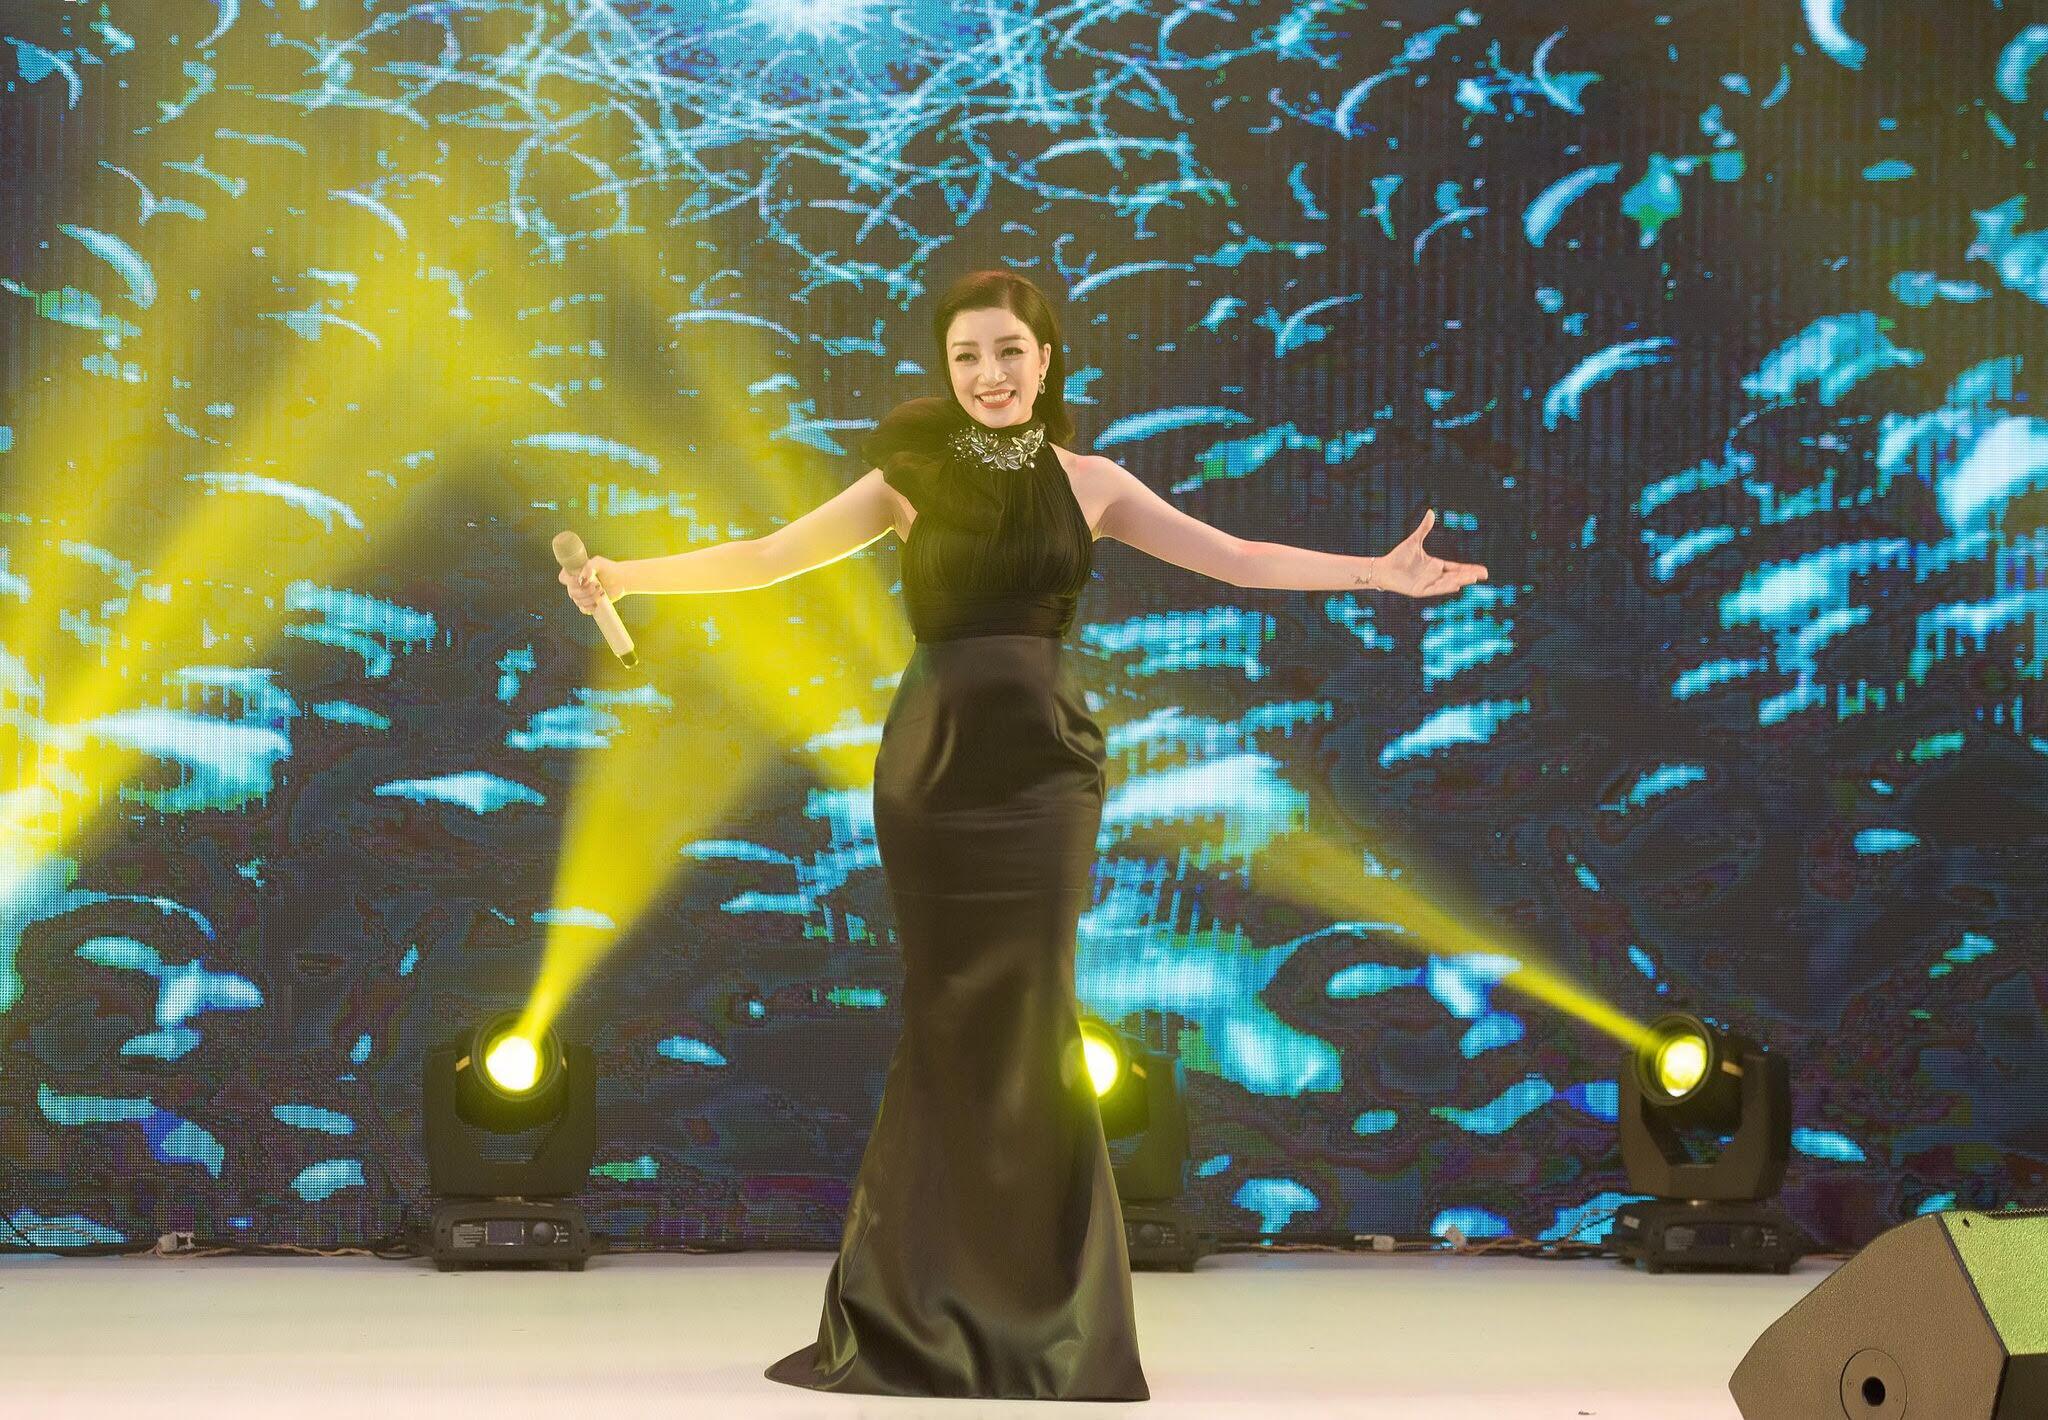 Ngẩn ngơ ngắm nhan sắc ca sĩ Phạm Thu Hà lộng lẫy trong sự kiện 3